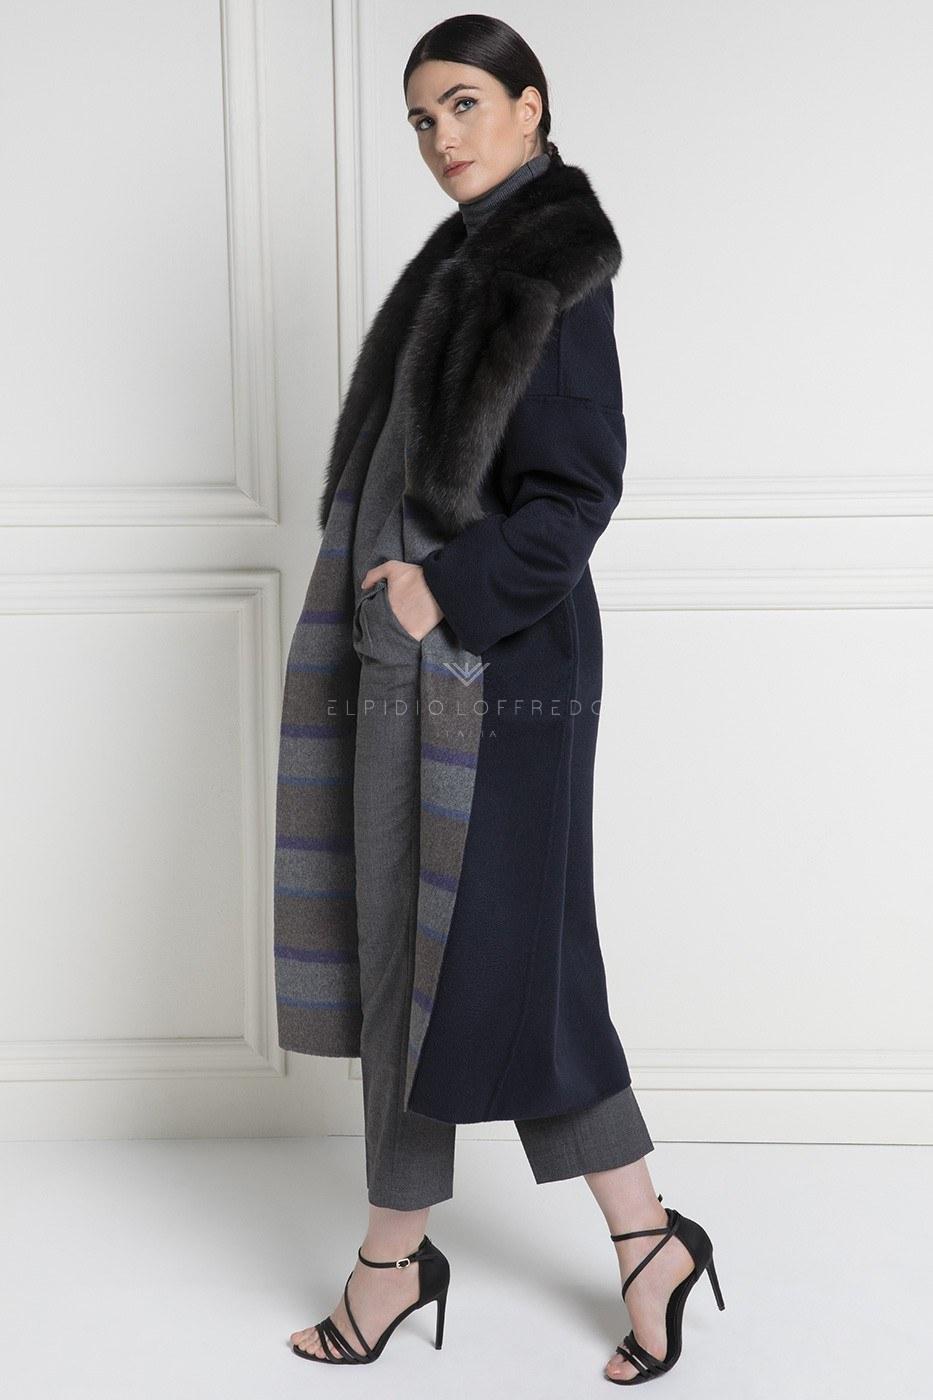 Cappotto di Cashmere Loro Piana con Pelliccia di Zibellino Russo Barguzinsky